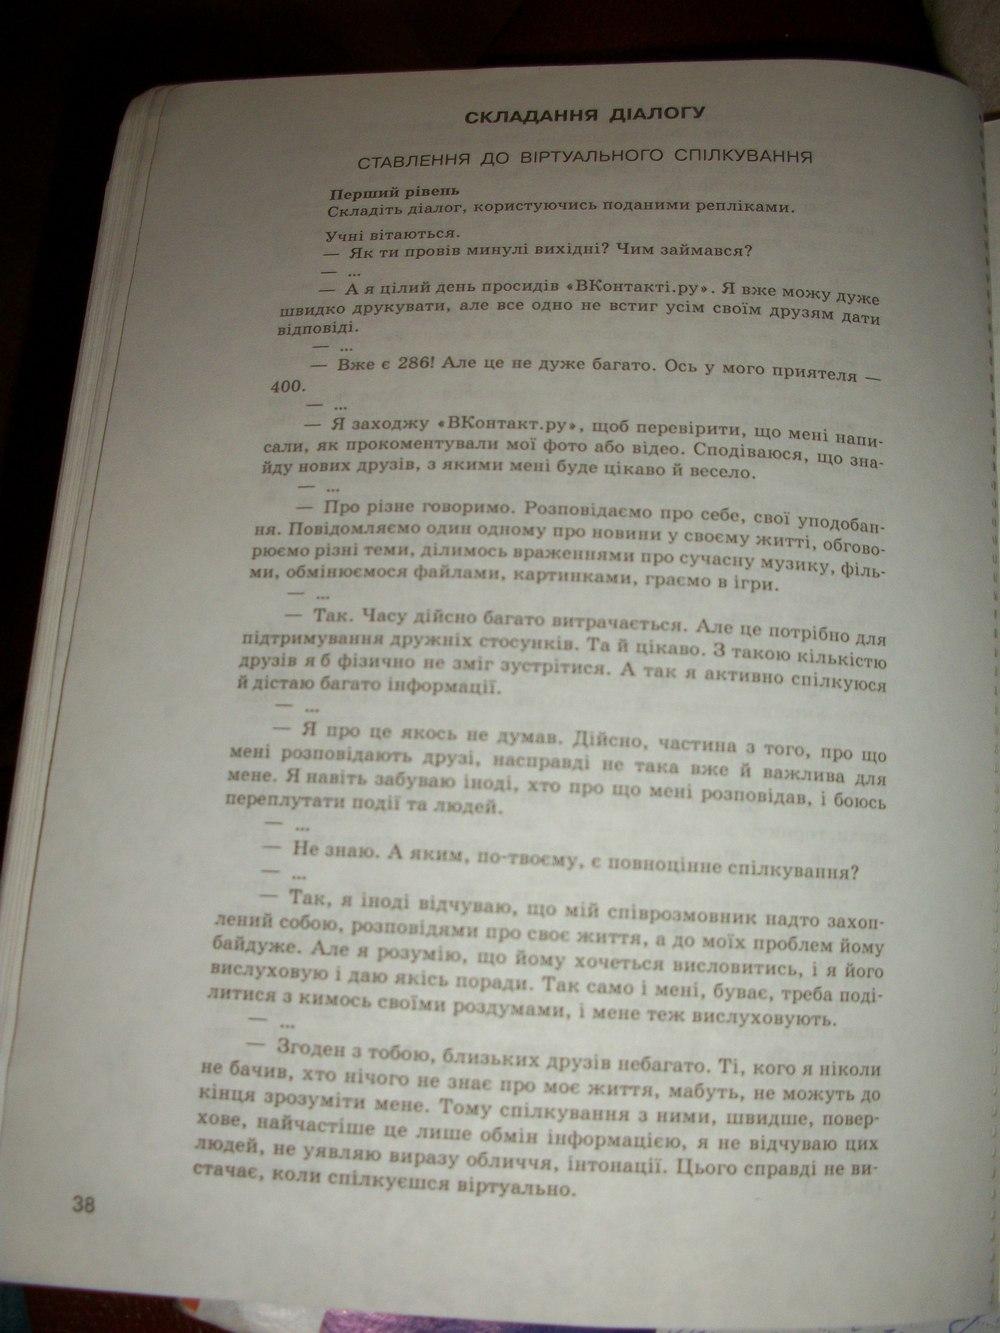 ГДЗ відповіді робочий зошит по рiдна/укр. мова 10 класс Жовтобрюх В.Ф.. Задание: стр. 38